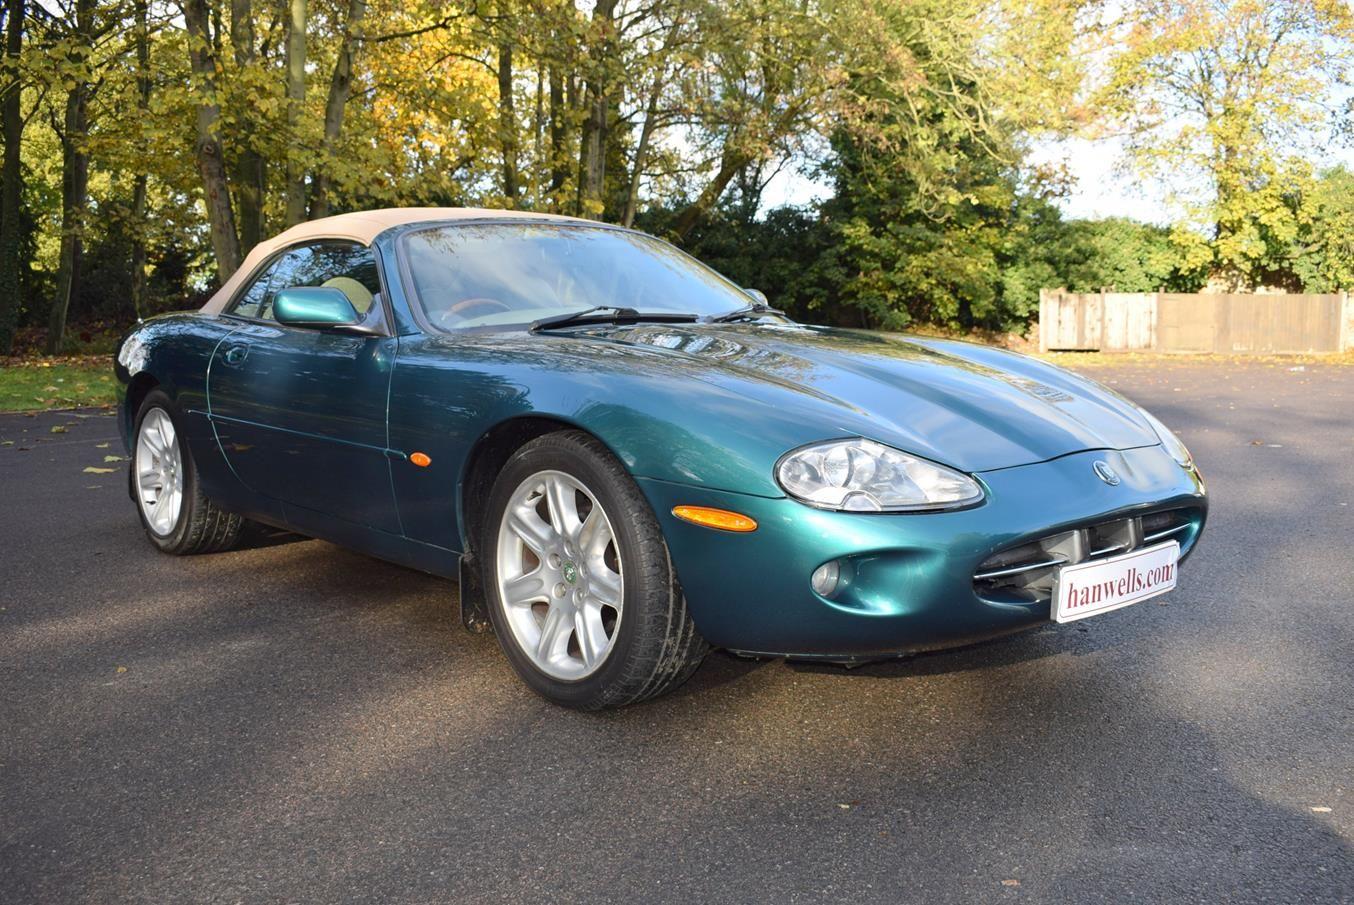 Pin by kukundra on jaguar | Jaguar xk8 convertible, Jaguar